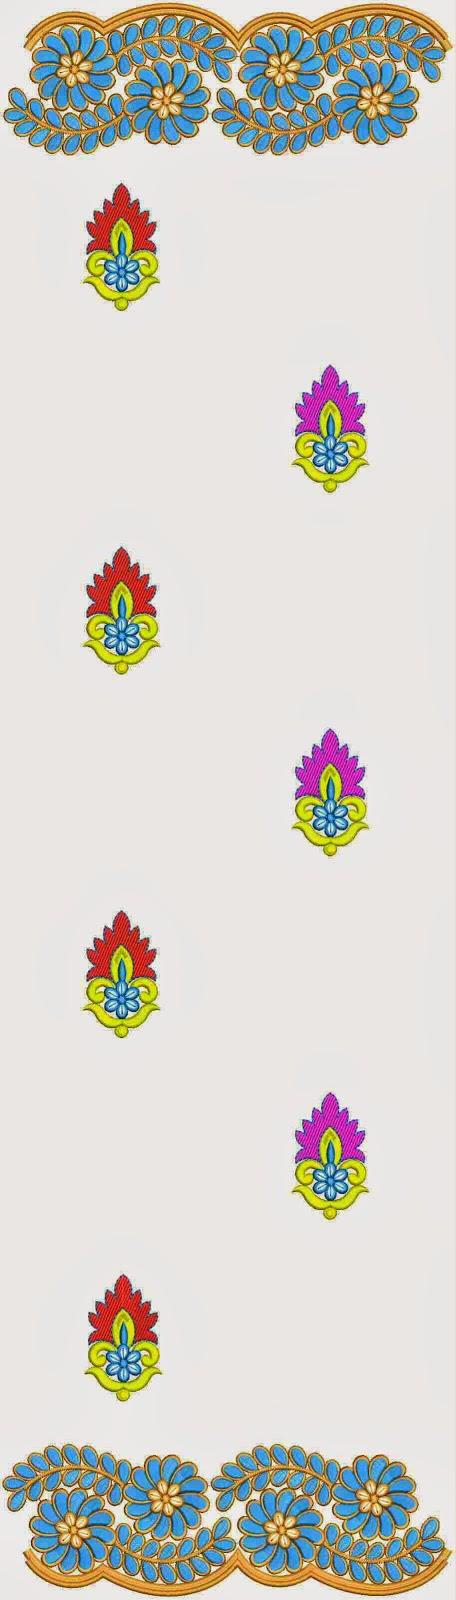 aard quilts borduurwerk Dupatta